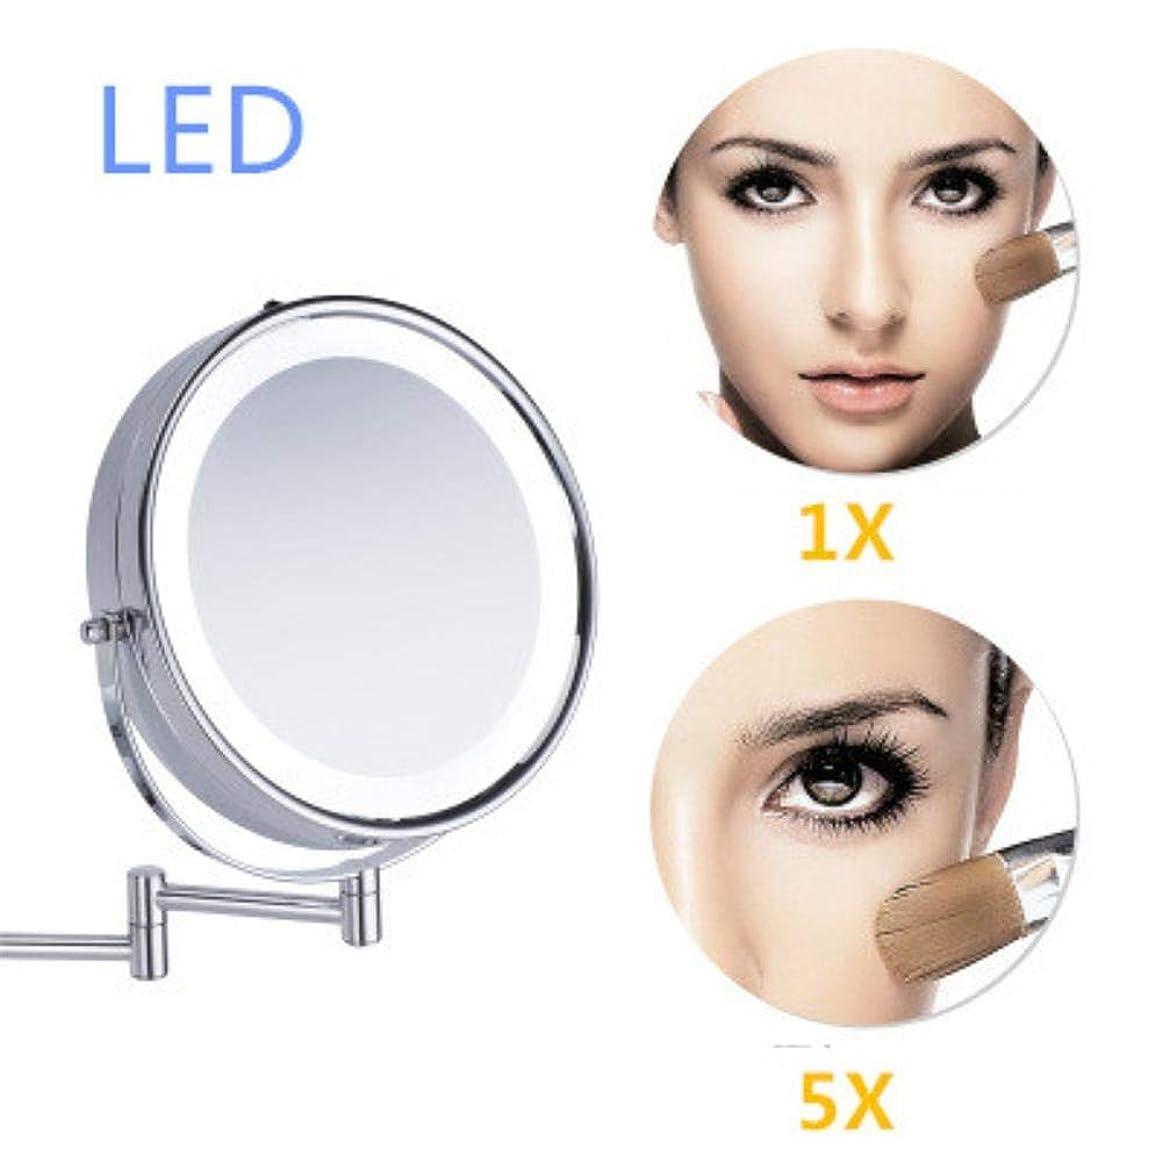 サイズロマンス代わりのYXZQ化粧鏡、8.5インチ金属化粧鏡2面LEDライト5X増幅伸縮アームバスミラー